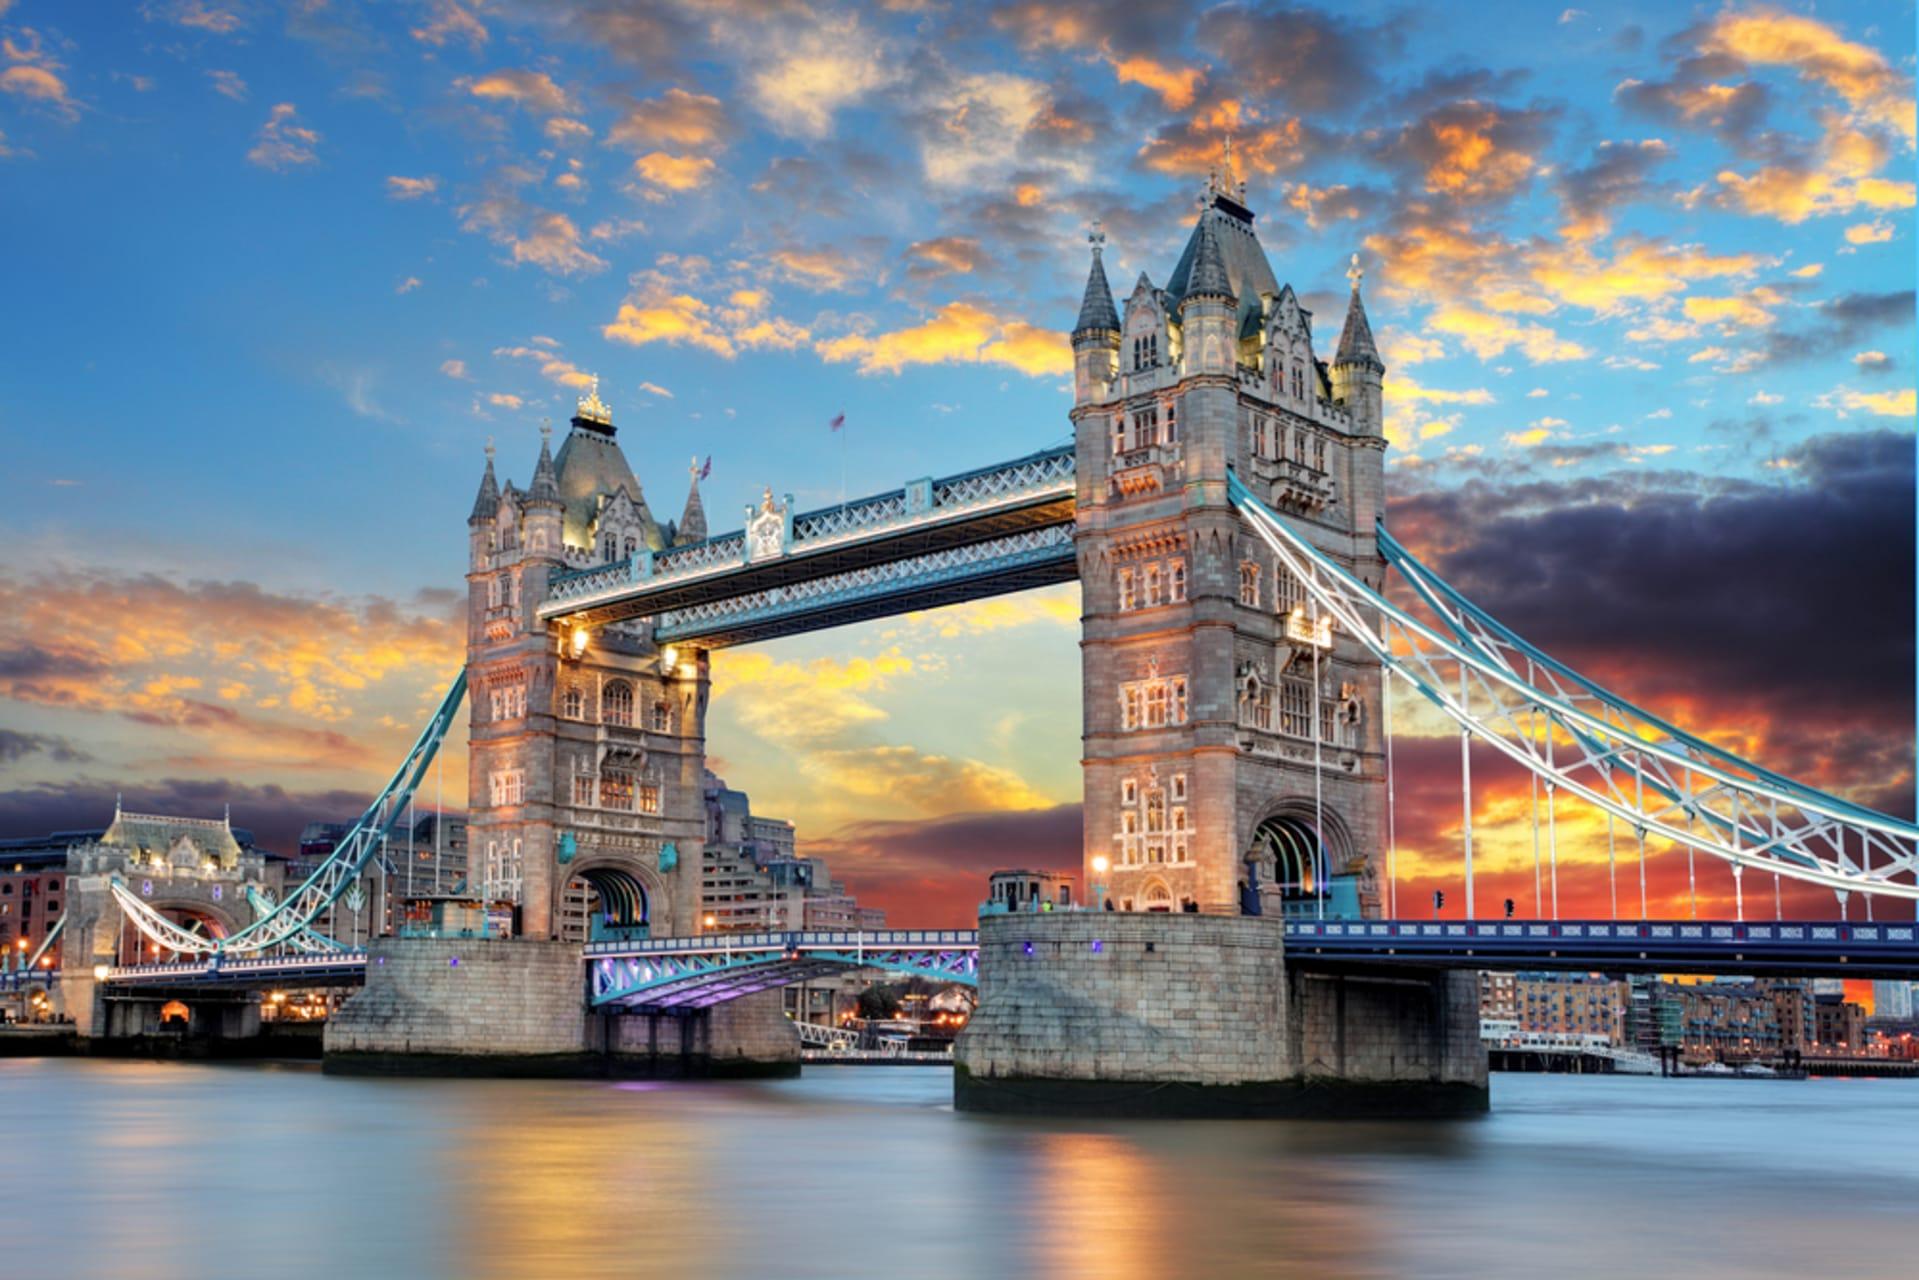 London - Between the Bridges